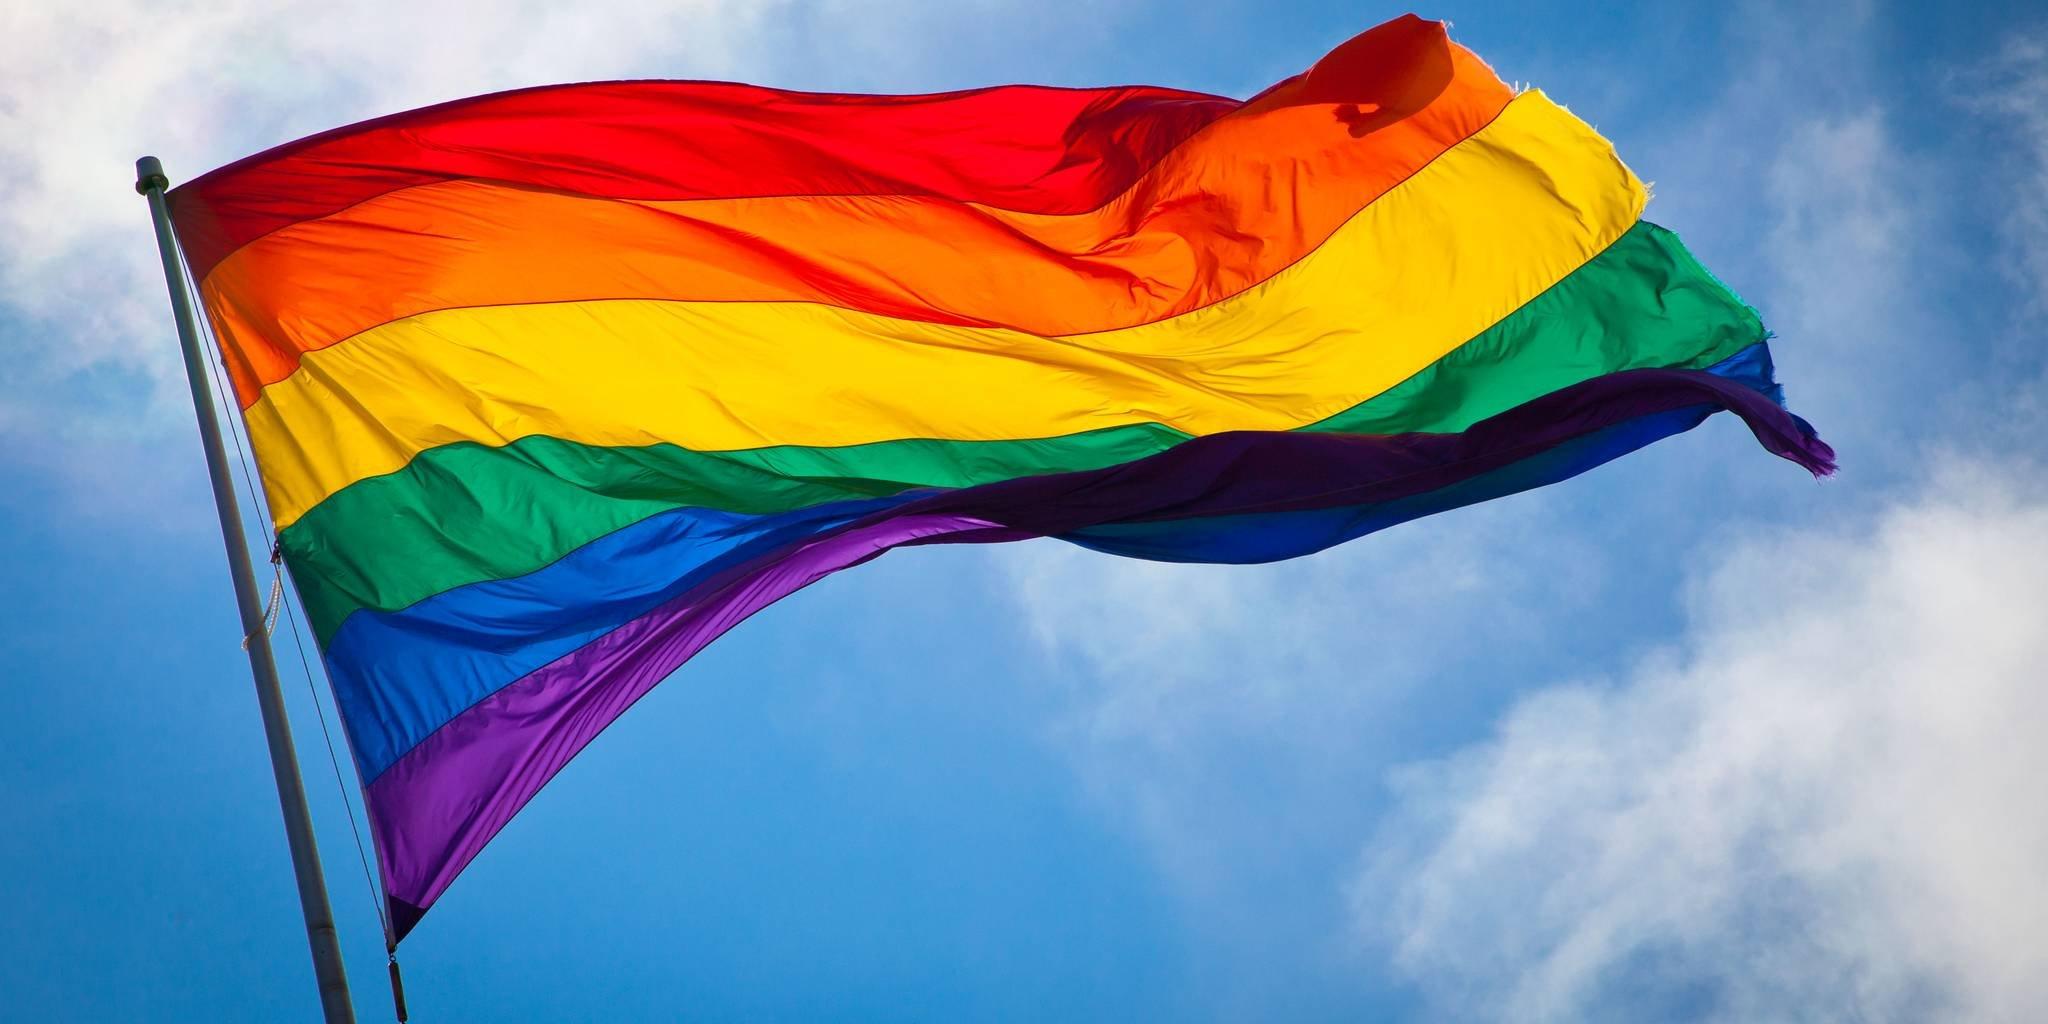 10 coisas que precisamos conversar sobre homossexualidade